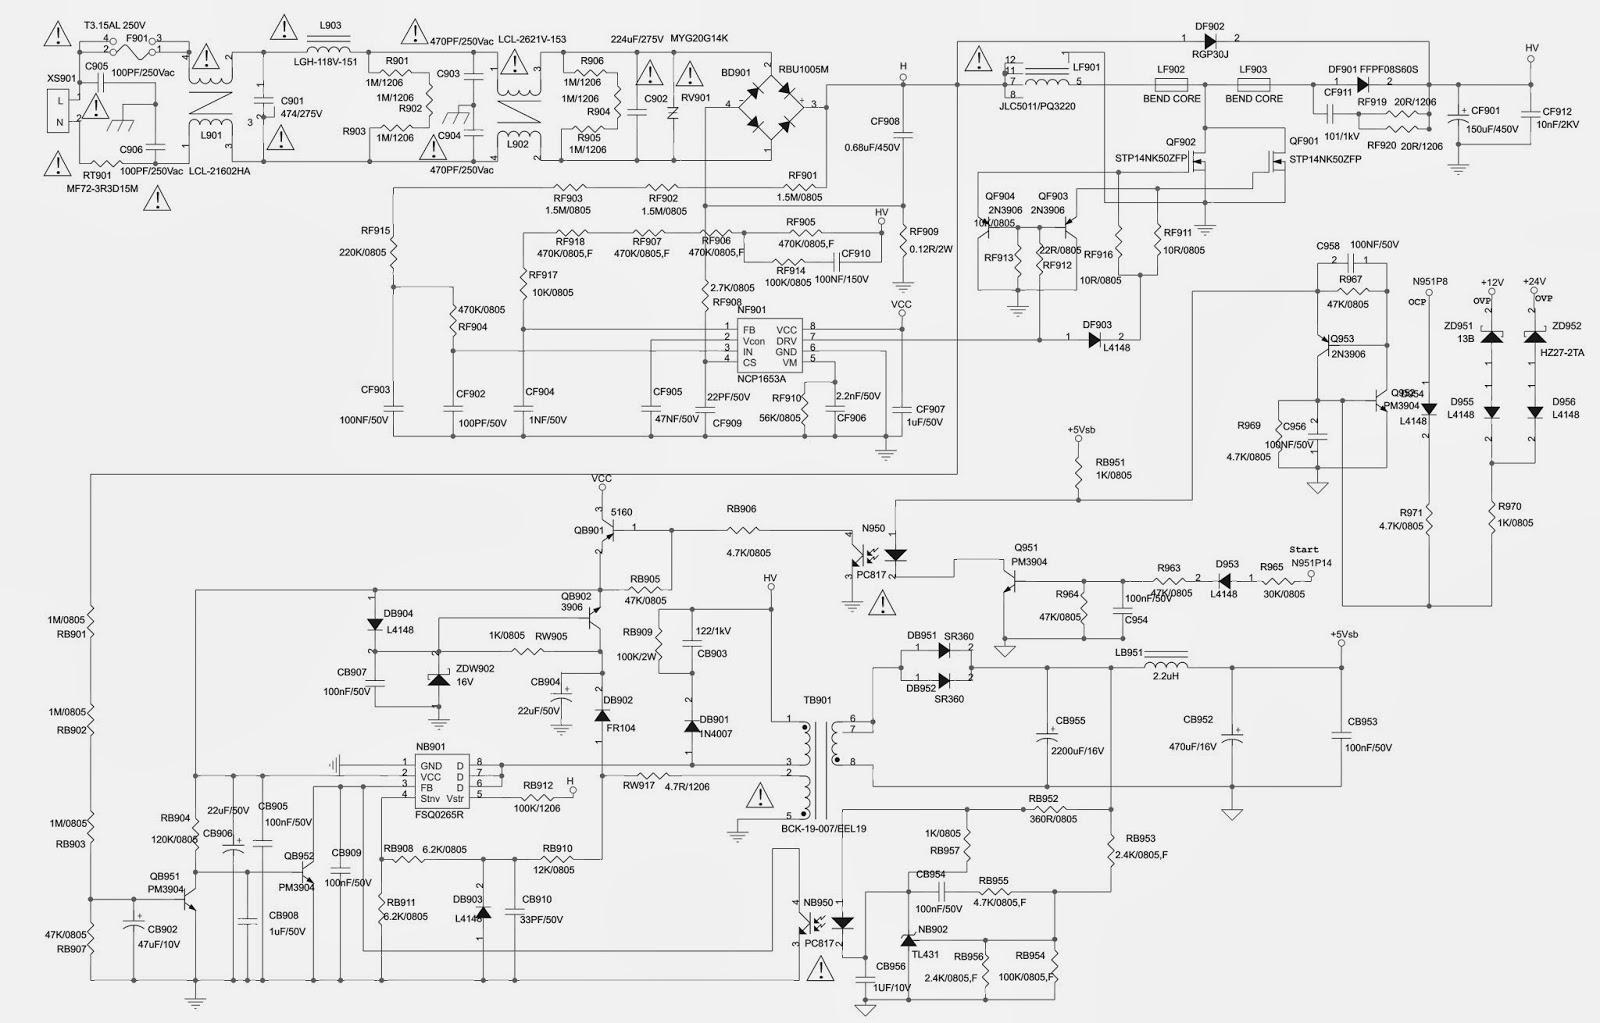 medium resolution of toshiba xv550xv600da lcd tv power supply schematic circuit diagram toshiba tv wiring diagram toshiba tv wiring diagrams